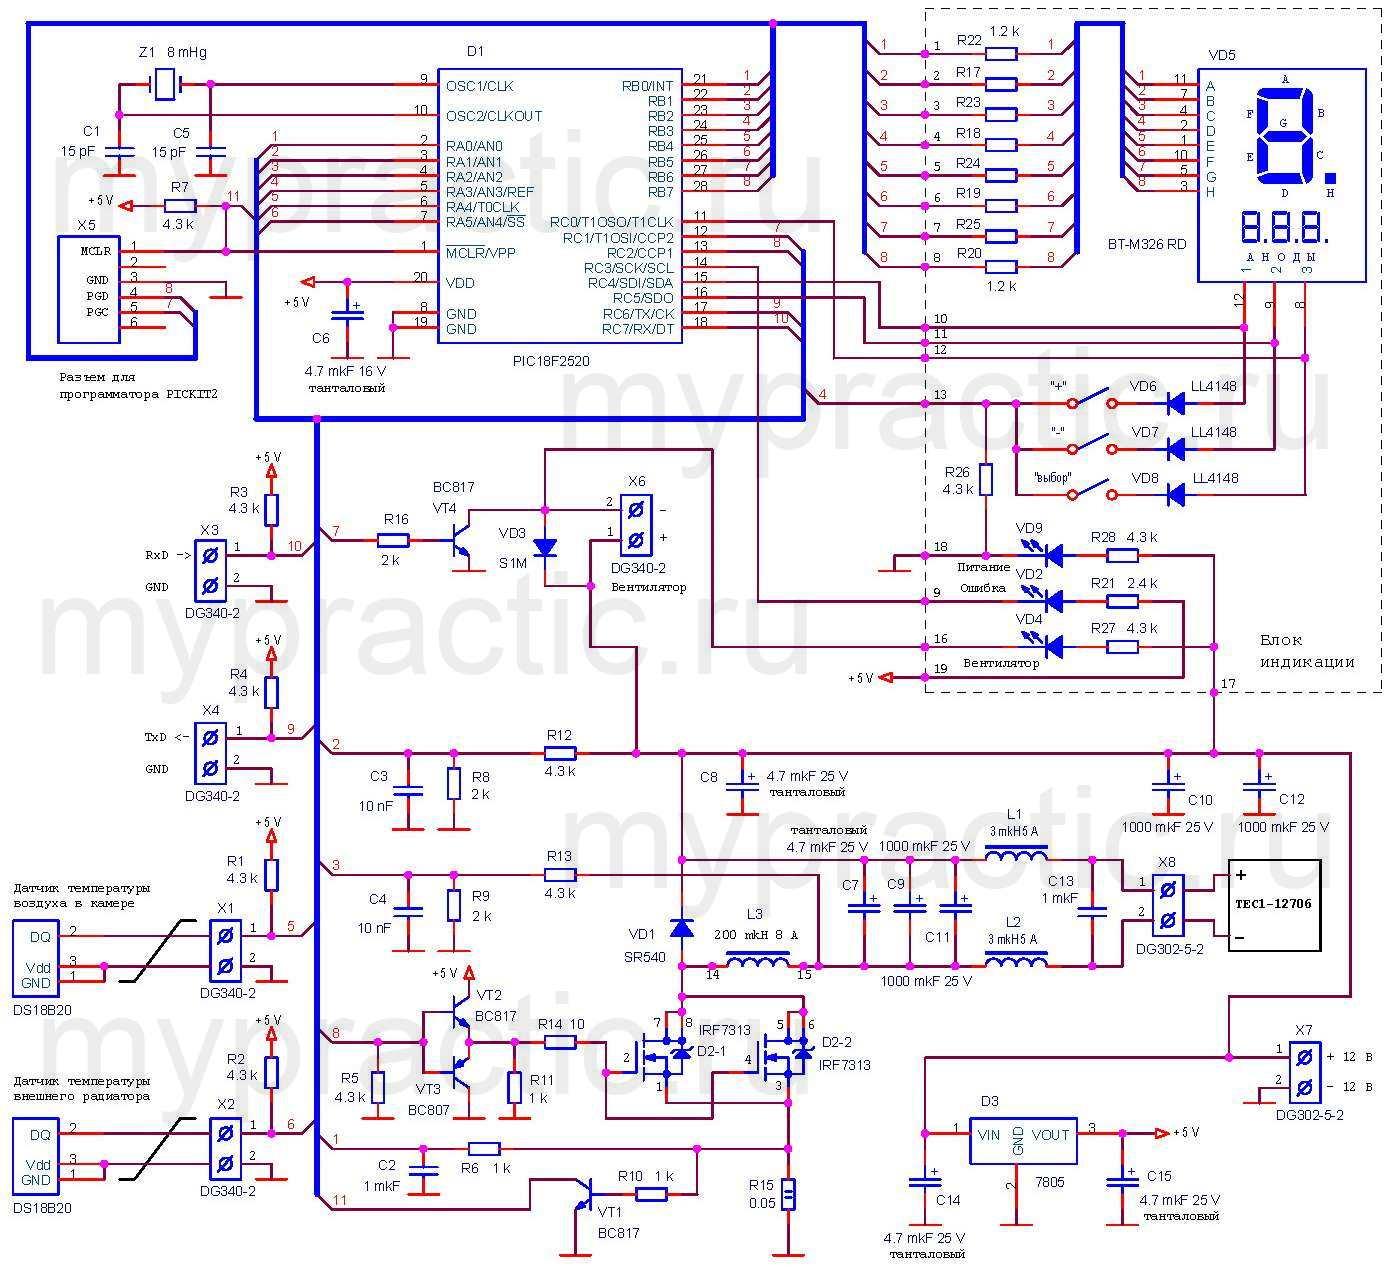 Принципиальная схема контроллера модуля Пельтье